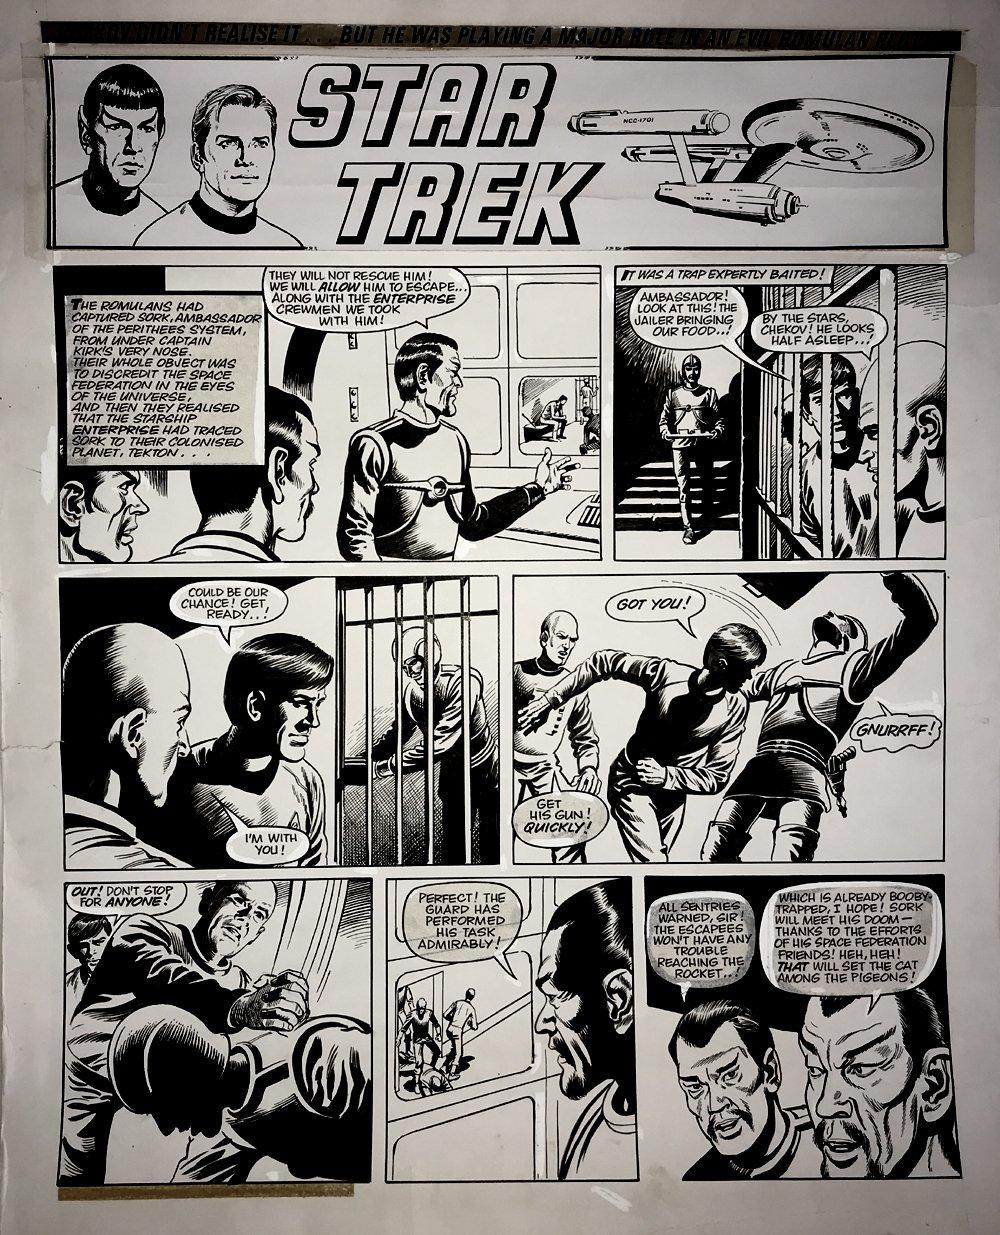 Star Trek Newspaper Strip (HUGE) 10-7-1972